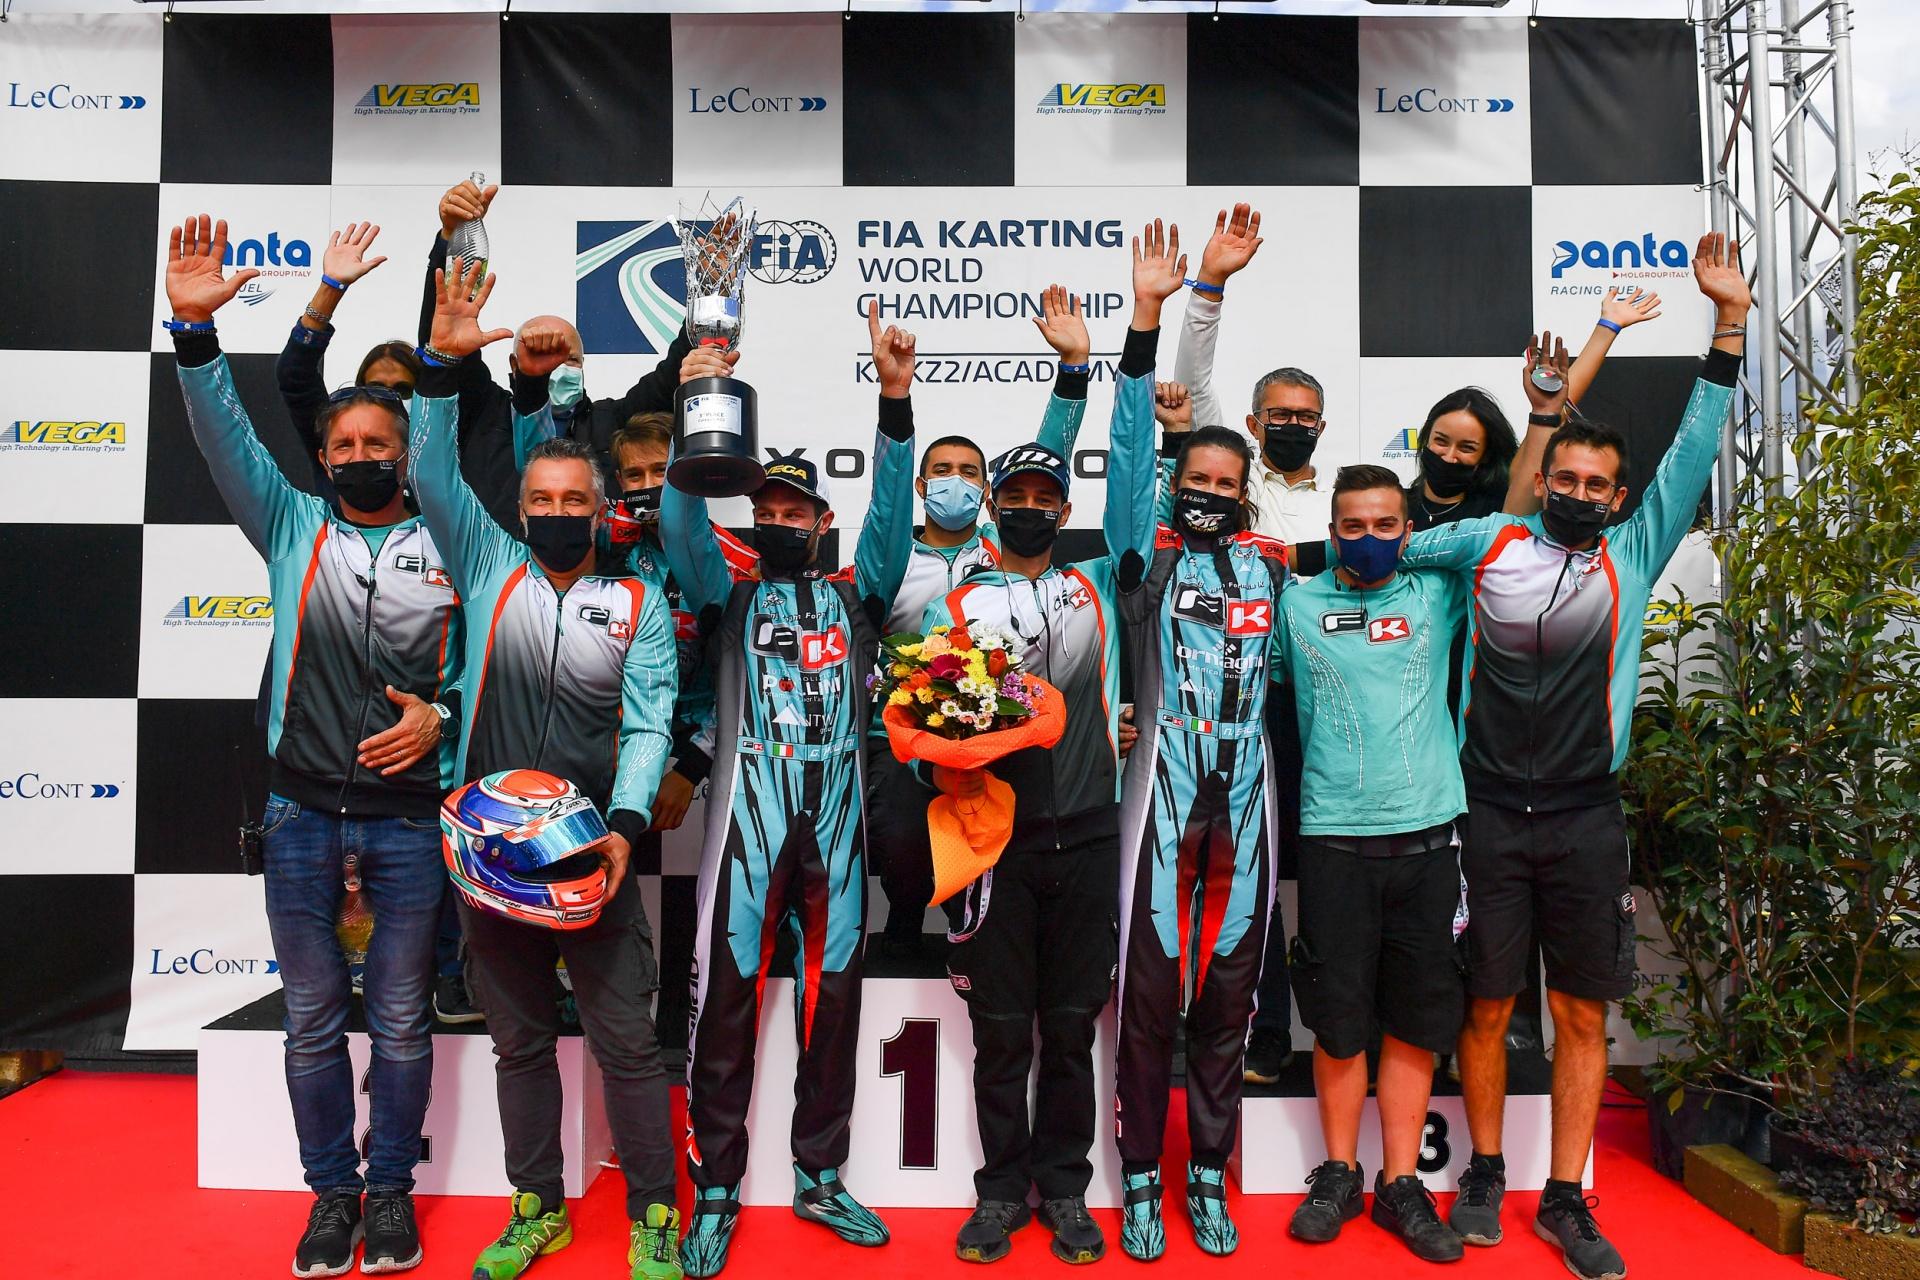 NGM Motorsport e Pollini al terzo posto dell'International Super Cup KZ2